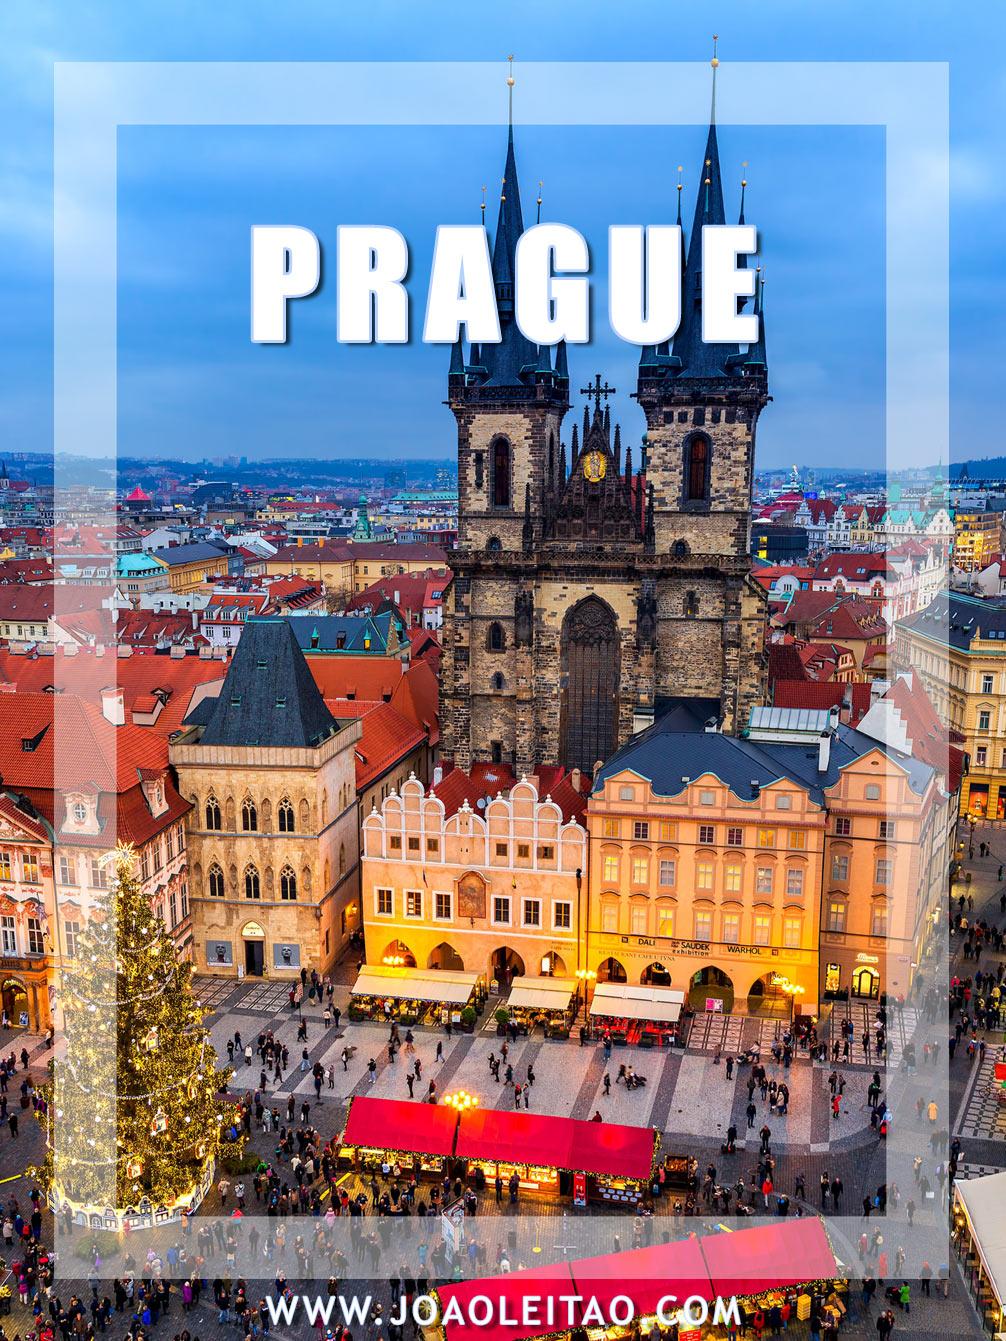 datiranje češko online upoznavanje visokoobrazovanih